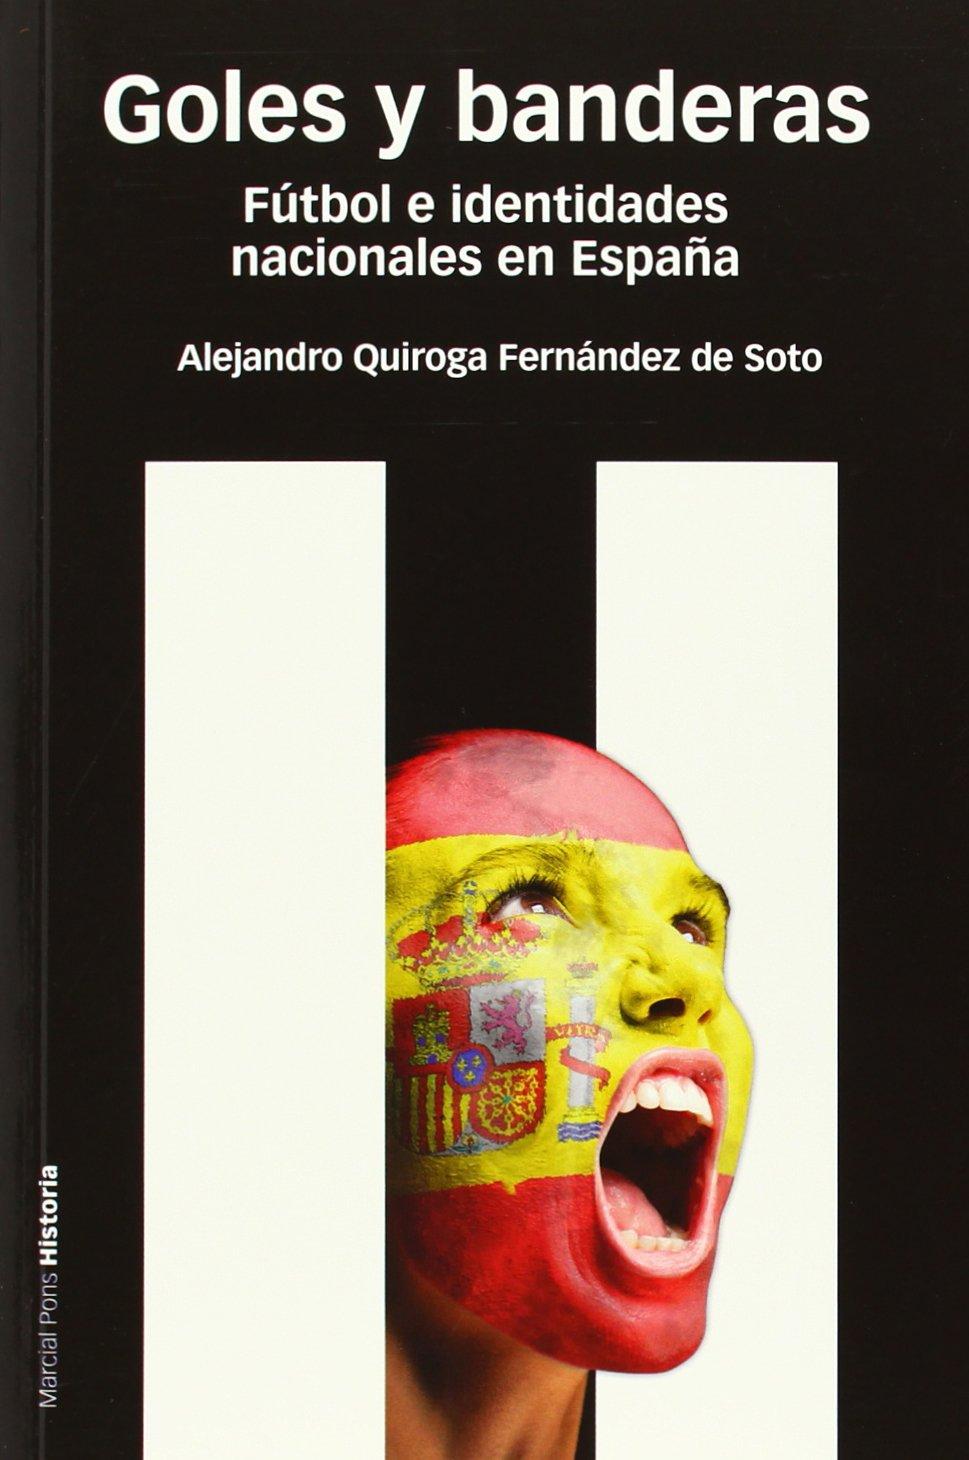 GOLES Y BANDERAS: Fútbol e identidades nacionales en España: 105 Estudios: Amazon.es: Quiroga Fernández de Soto, Alejandro: Libros